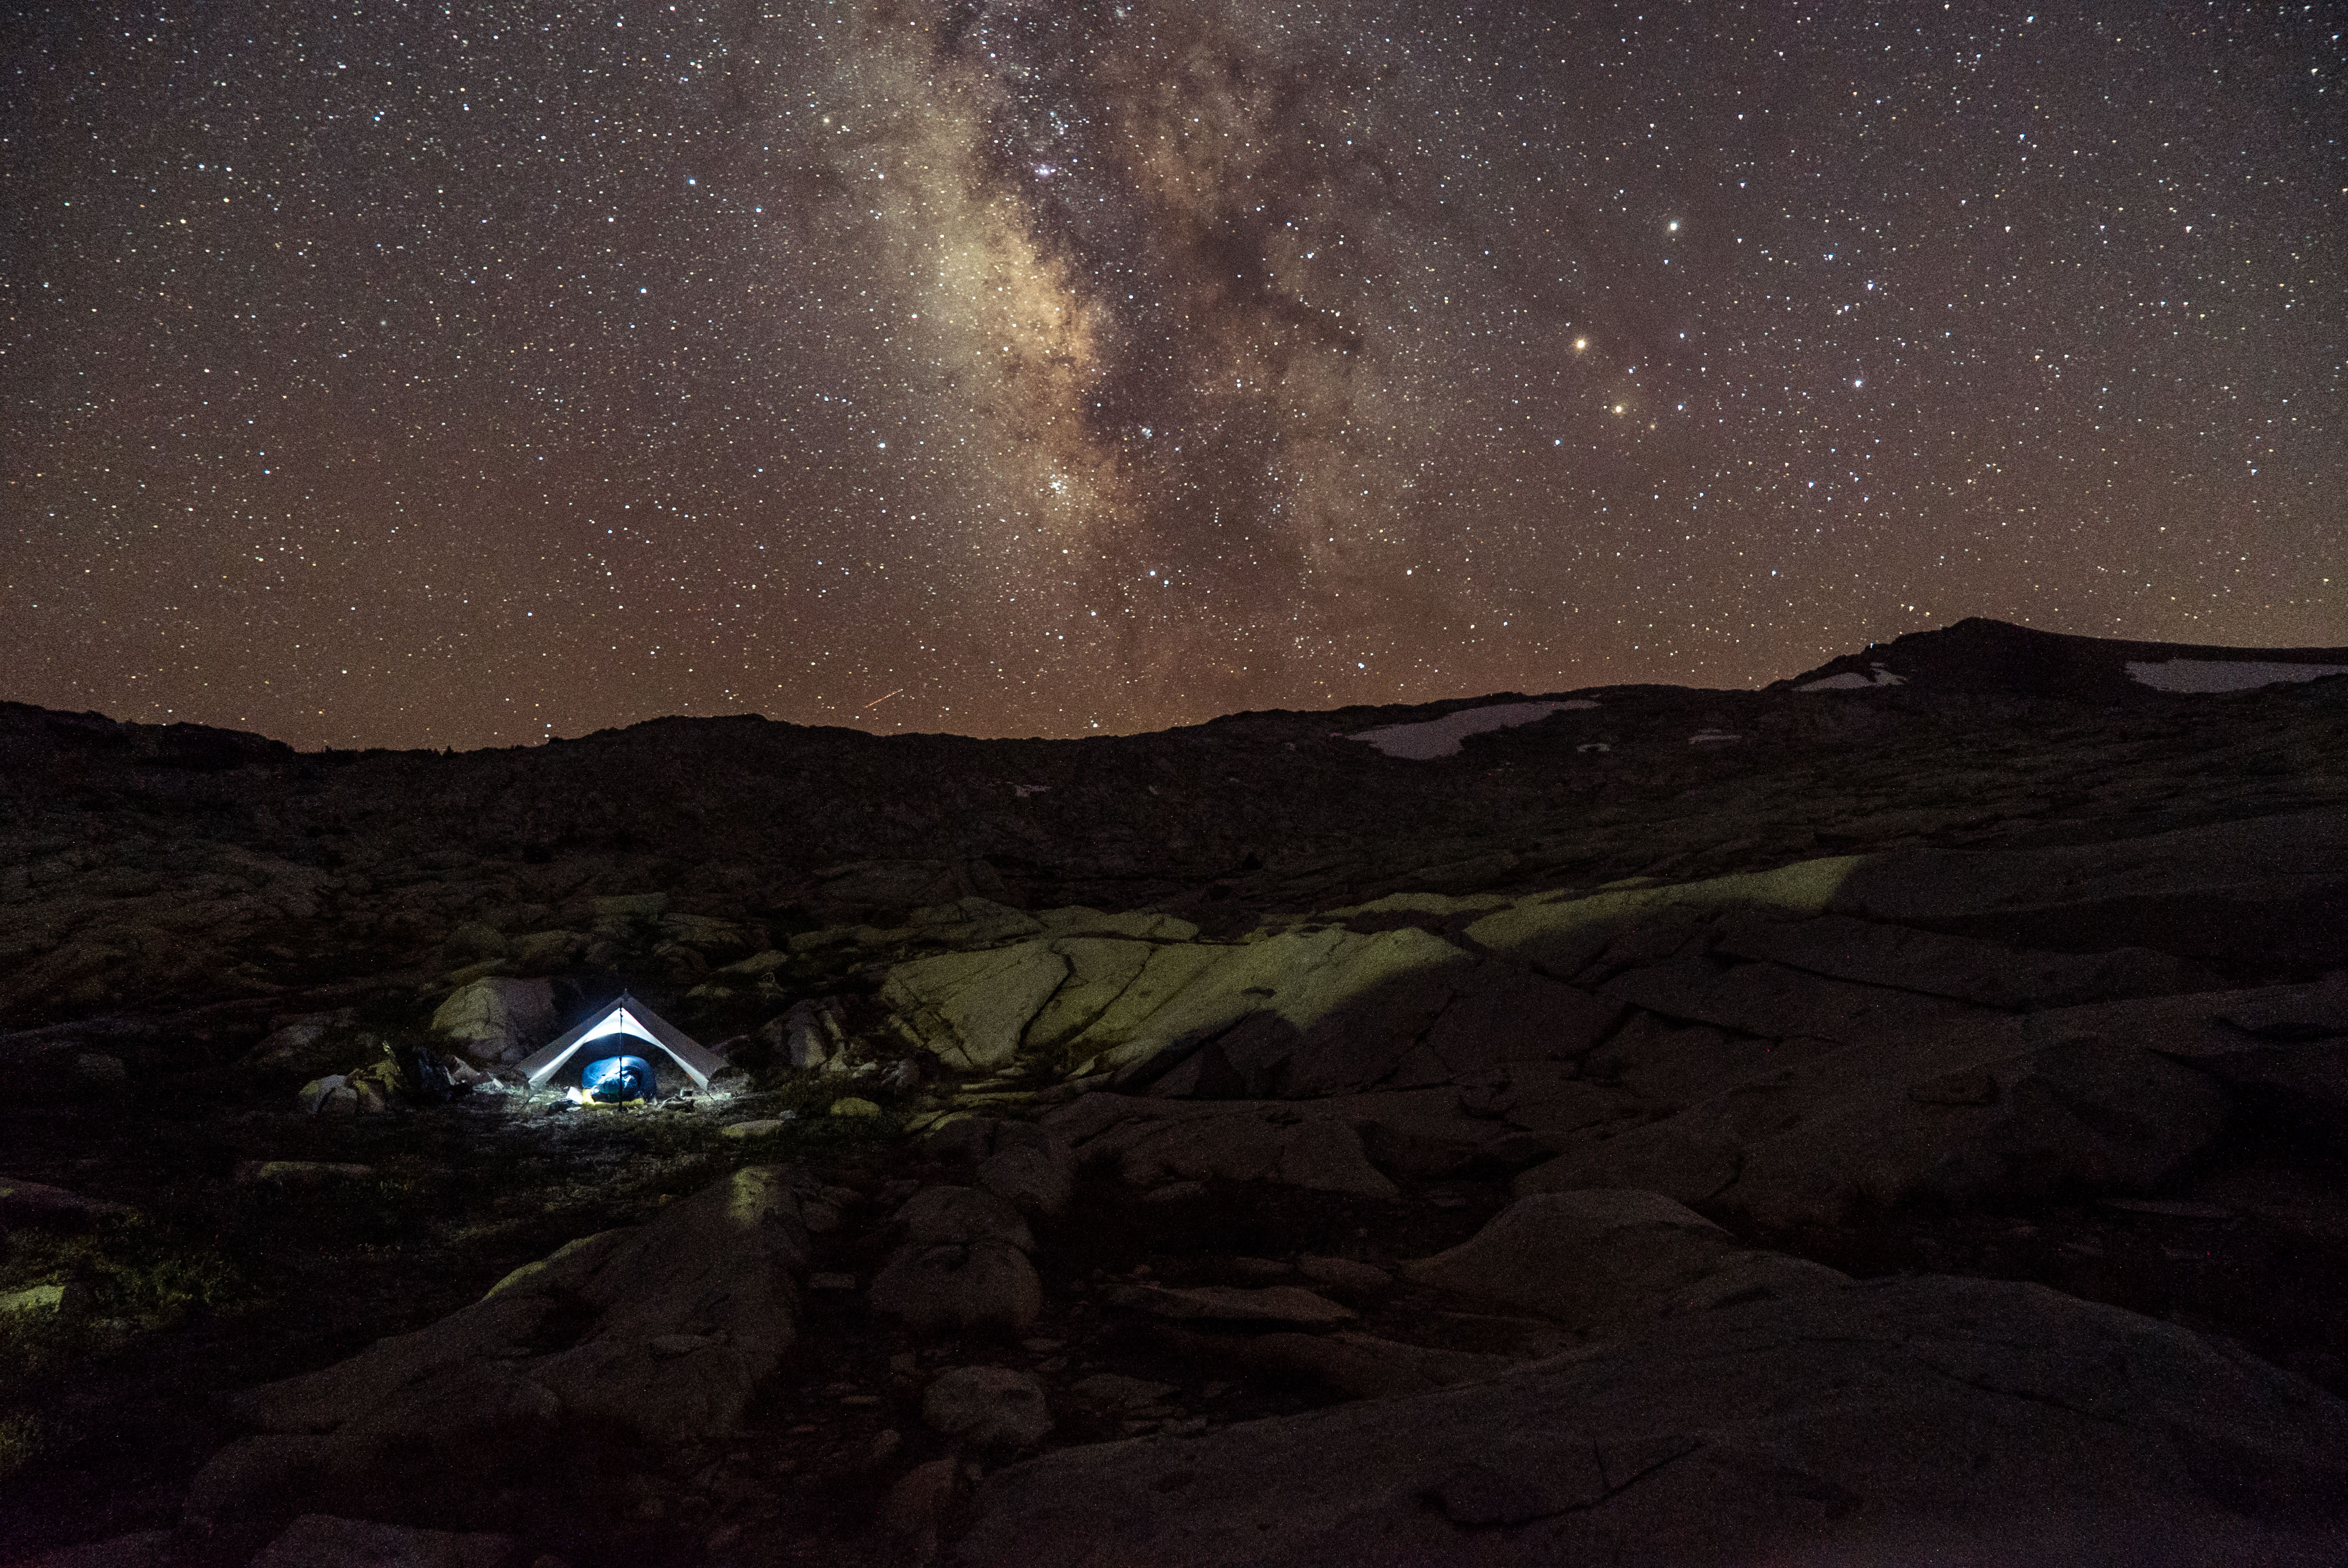 Kalen Thorien | Eastern Sierra